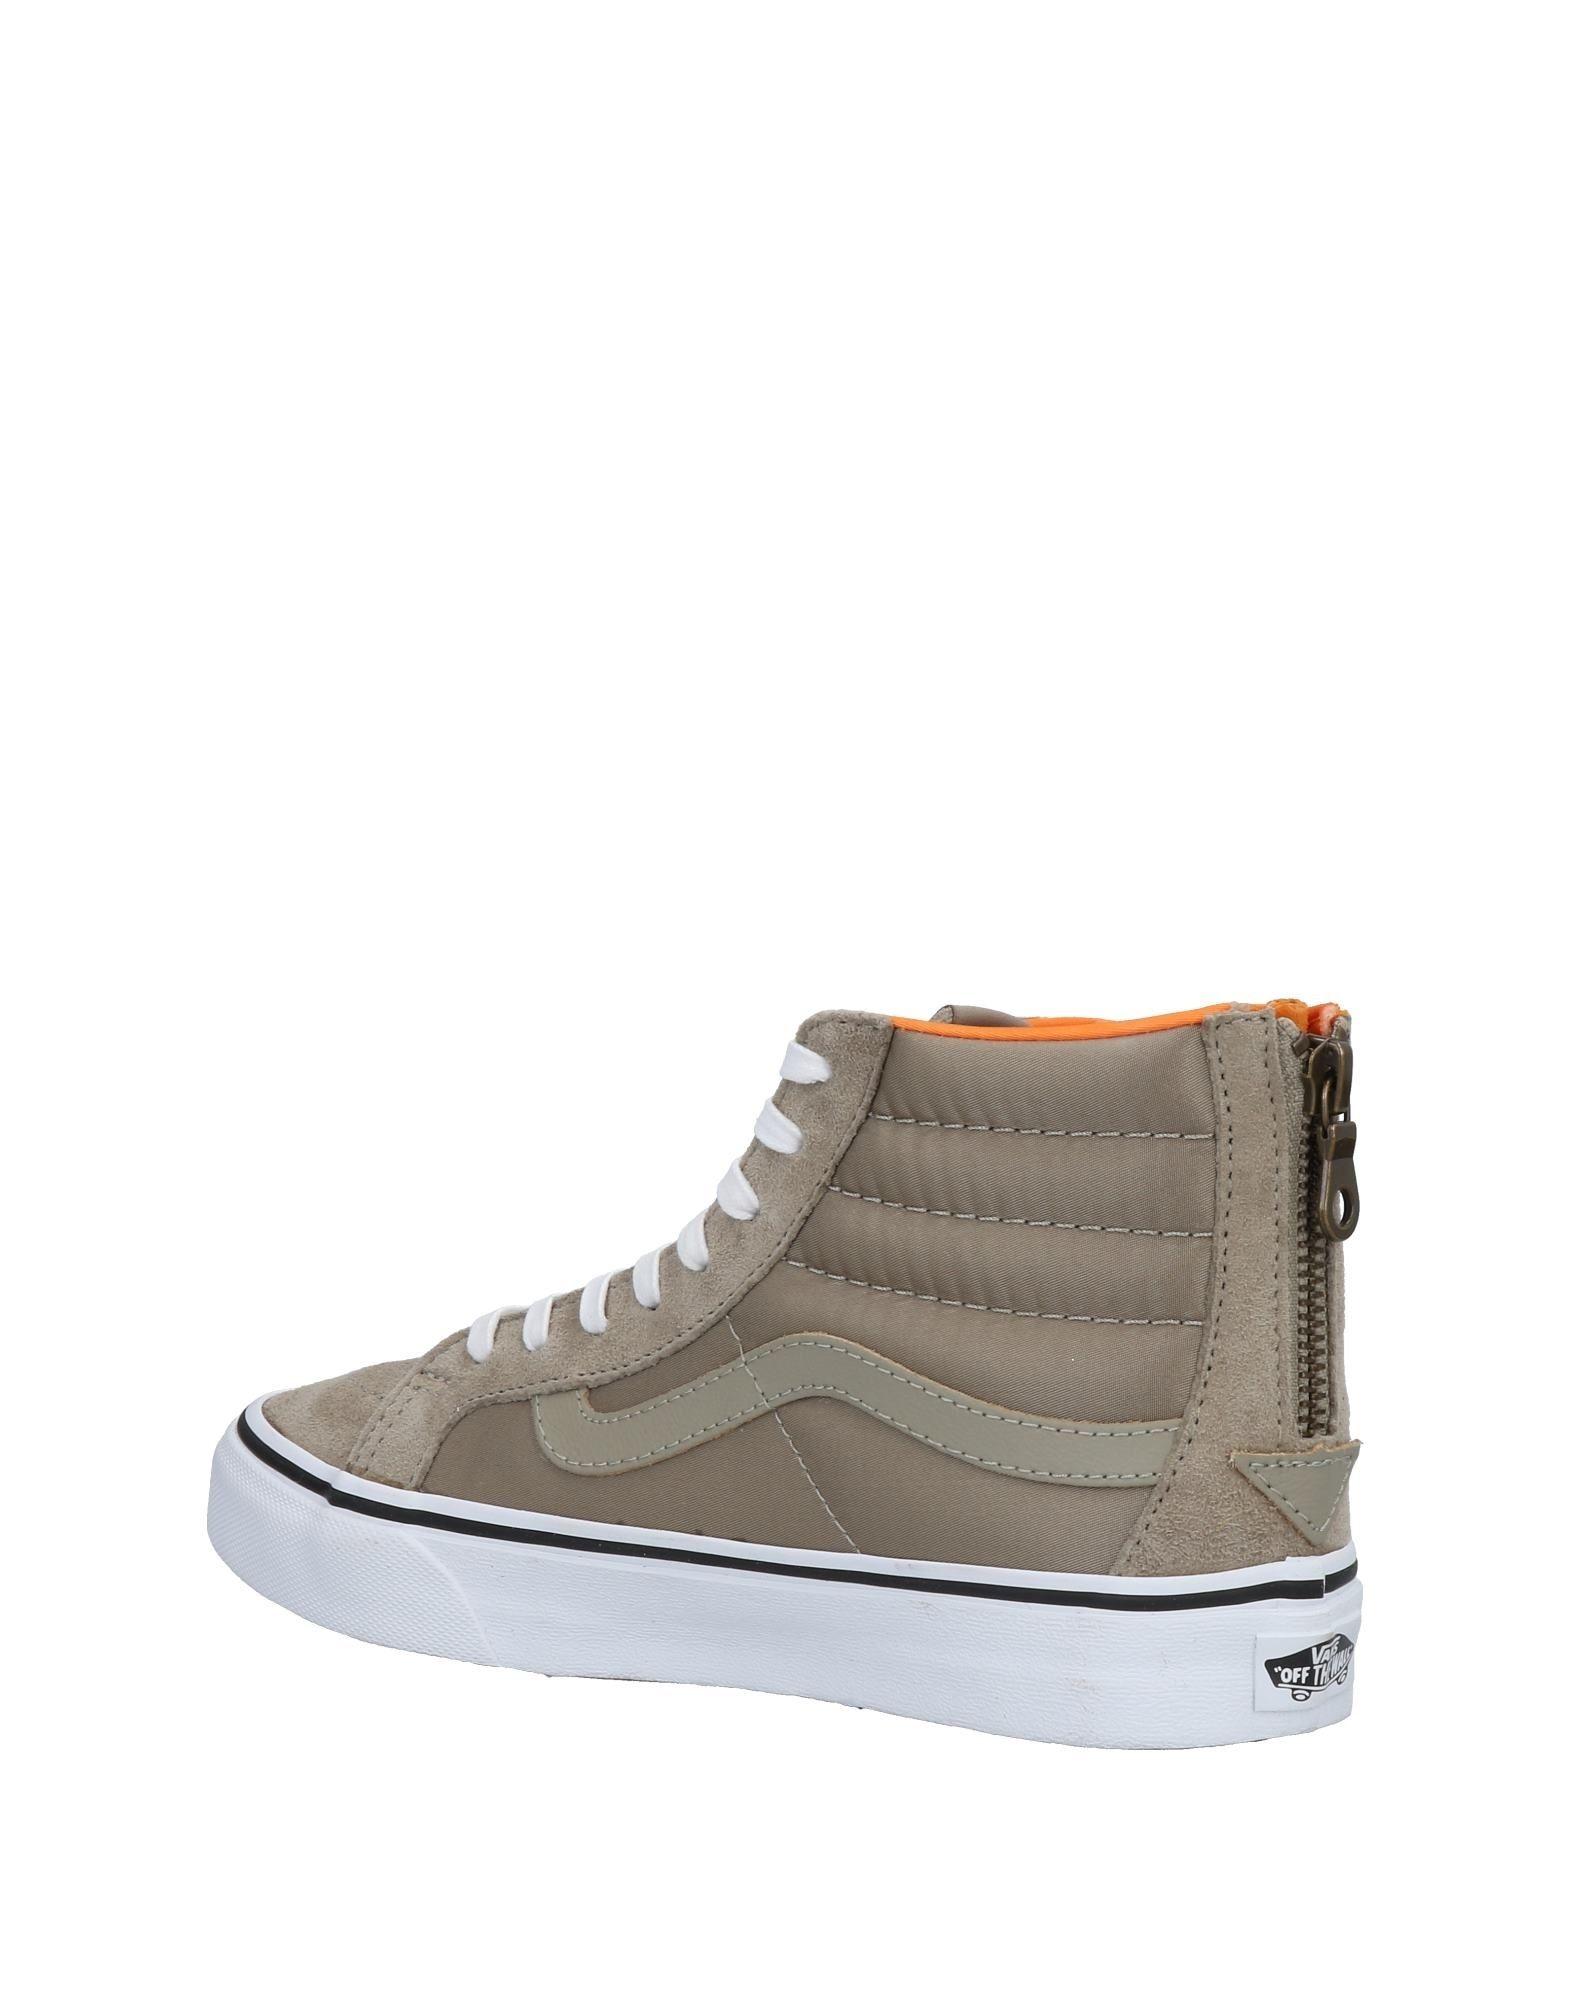 Vans Gute Sneakers Damen  11492577BU Gute Vans Qualität beliebte Schuhe e1719f